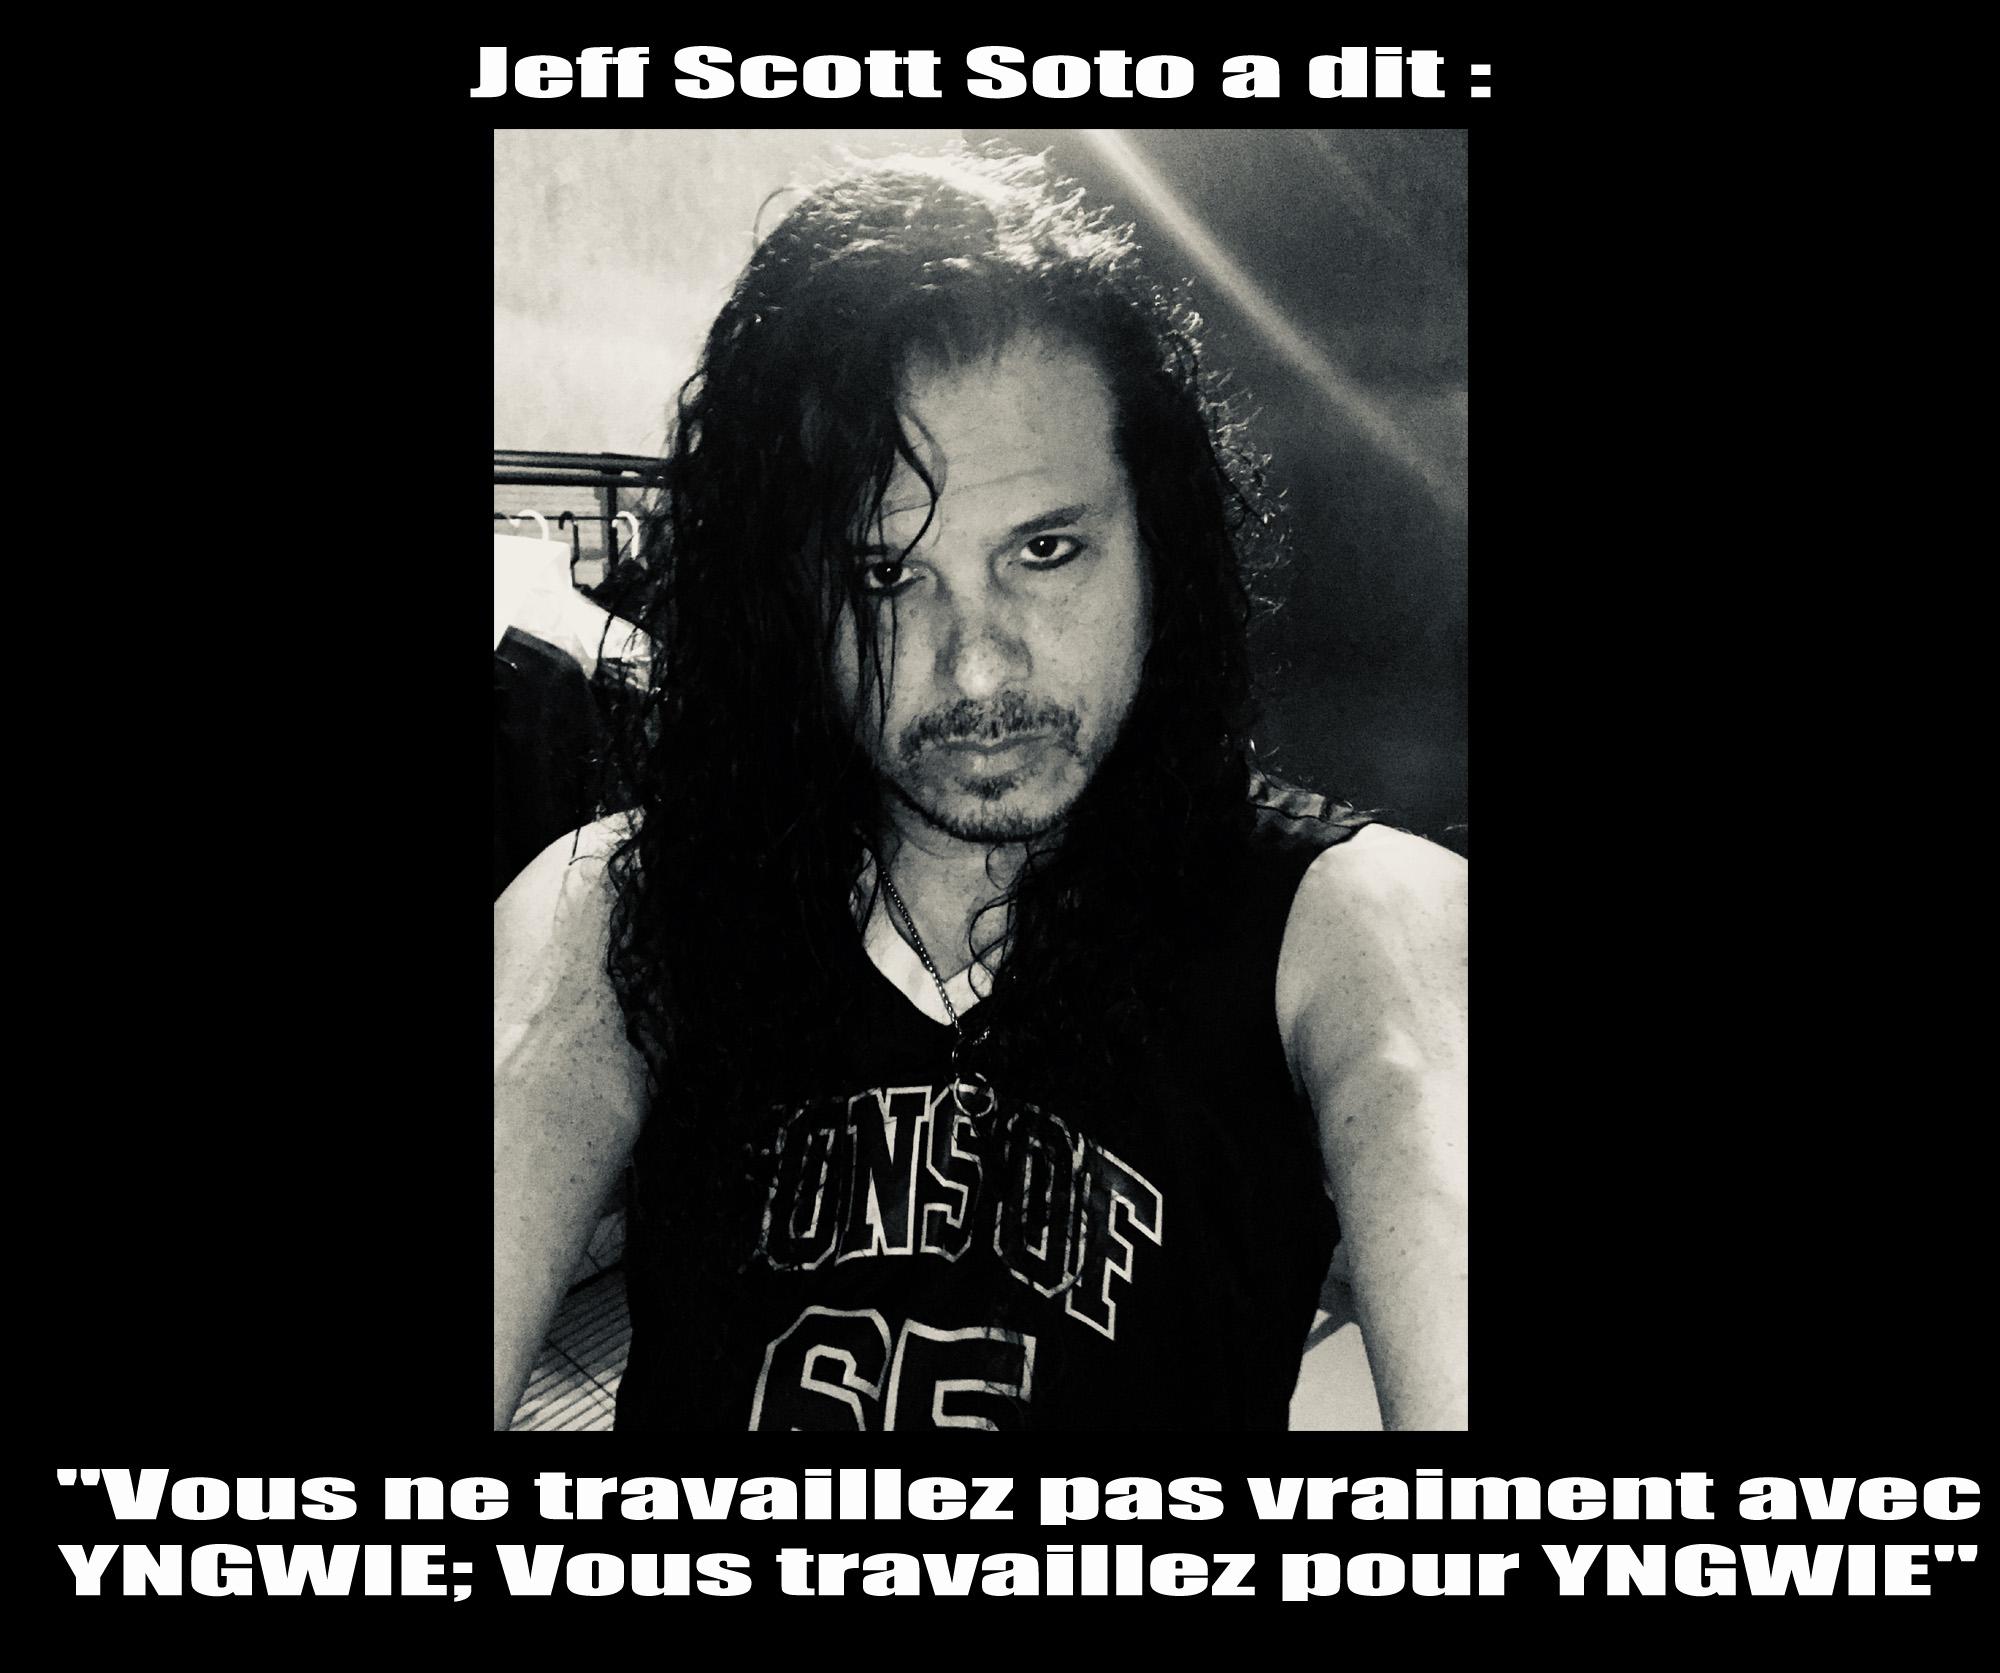 Les NEWS du METAL en VRAC ... - Page 35 Jeff_s10